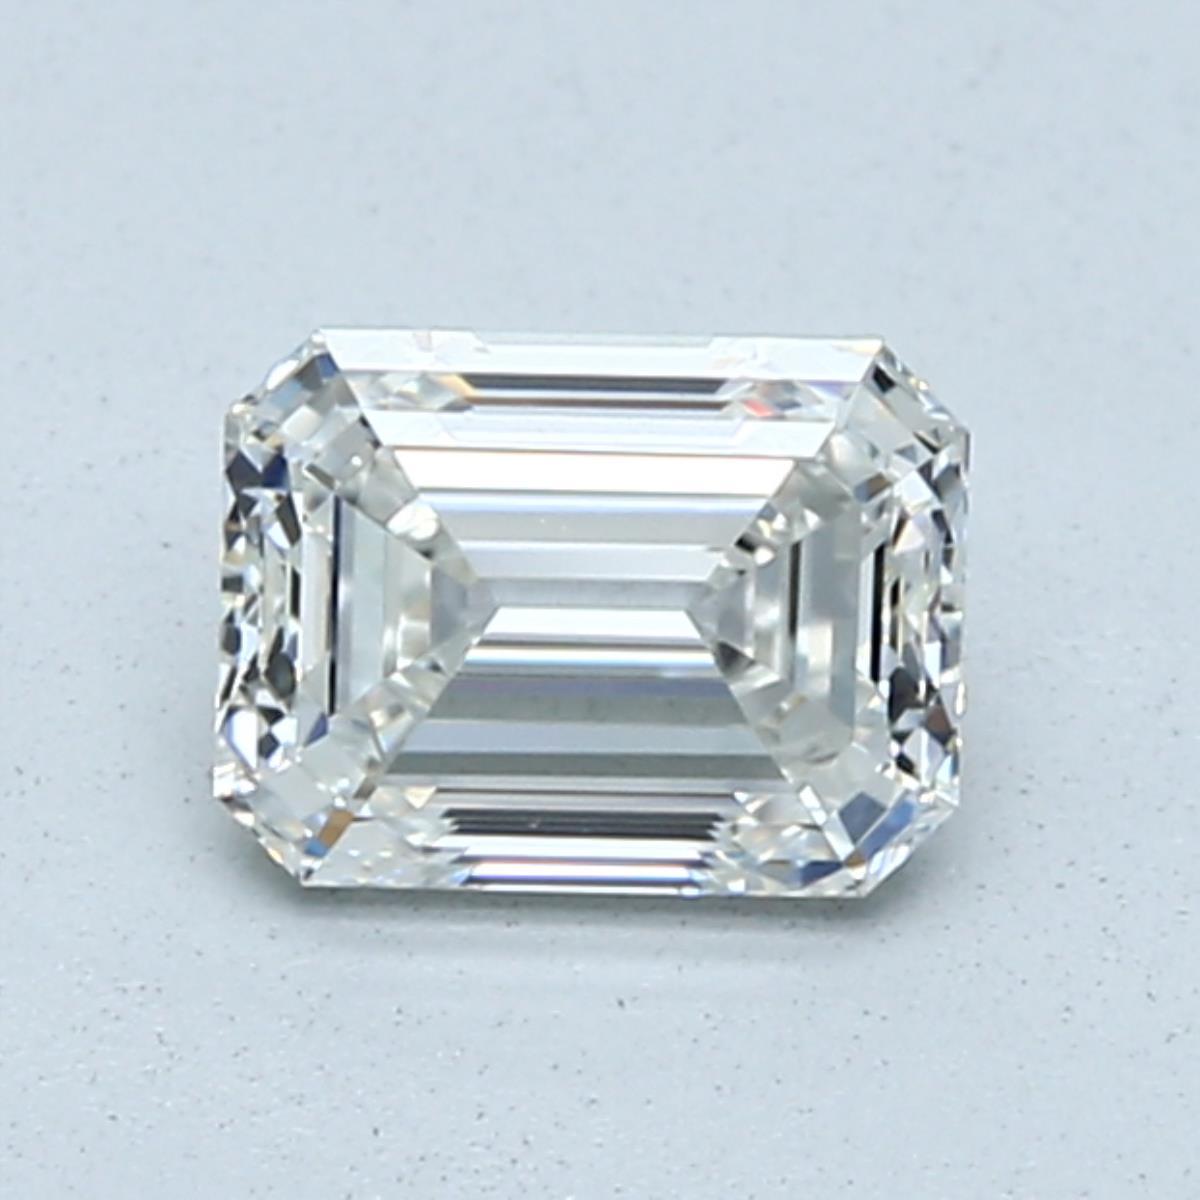 0.90-Carat Emerald Cut Diamond